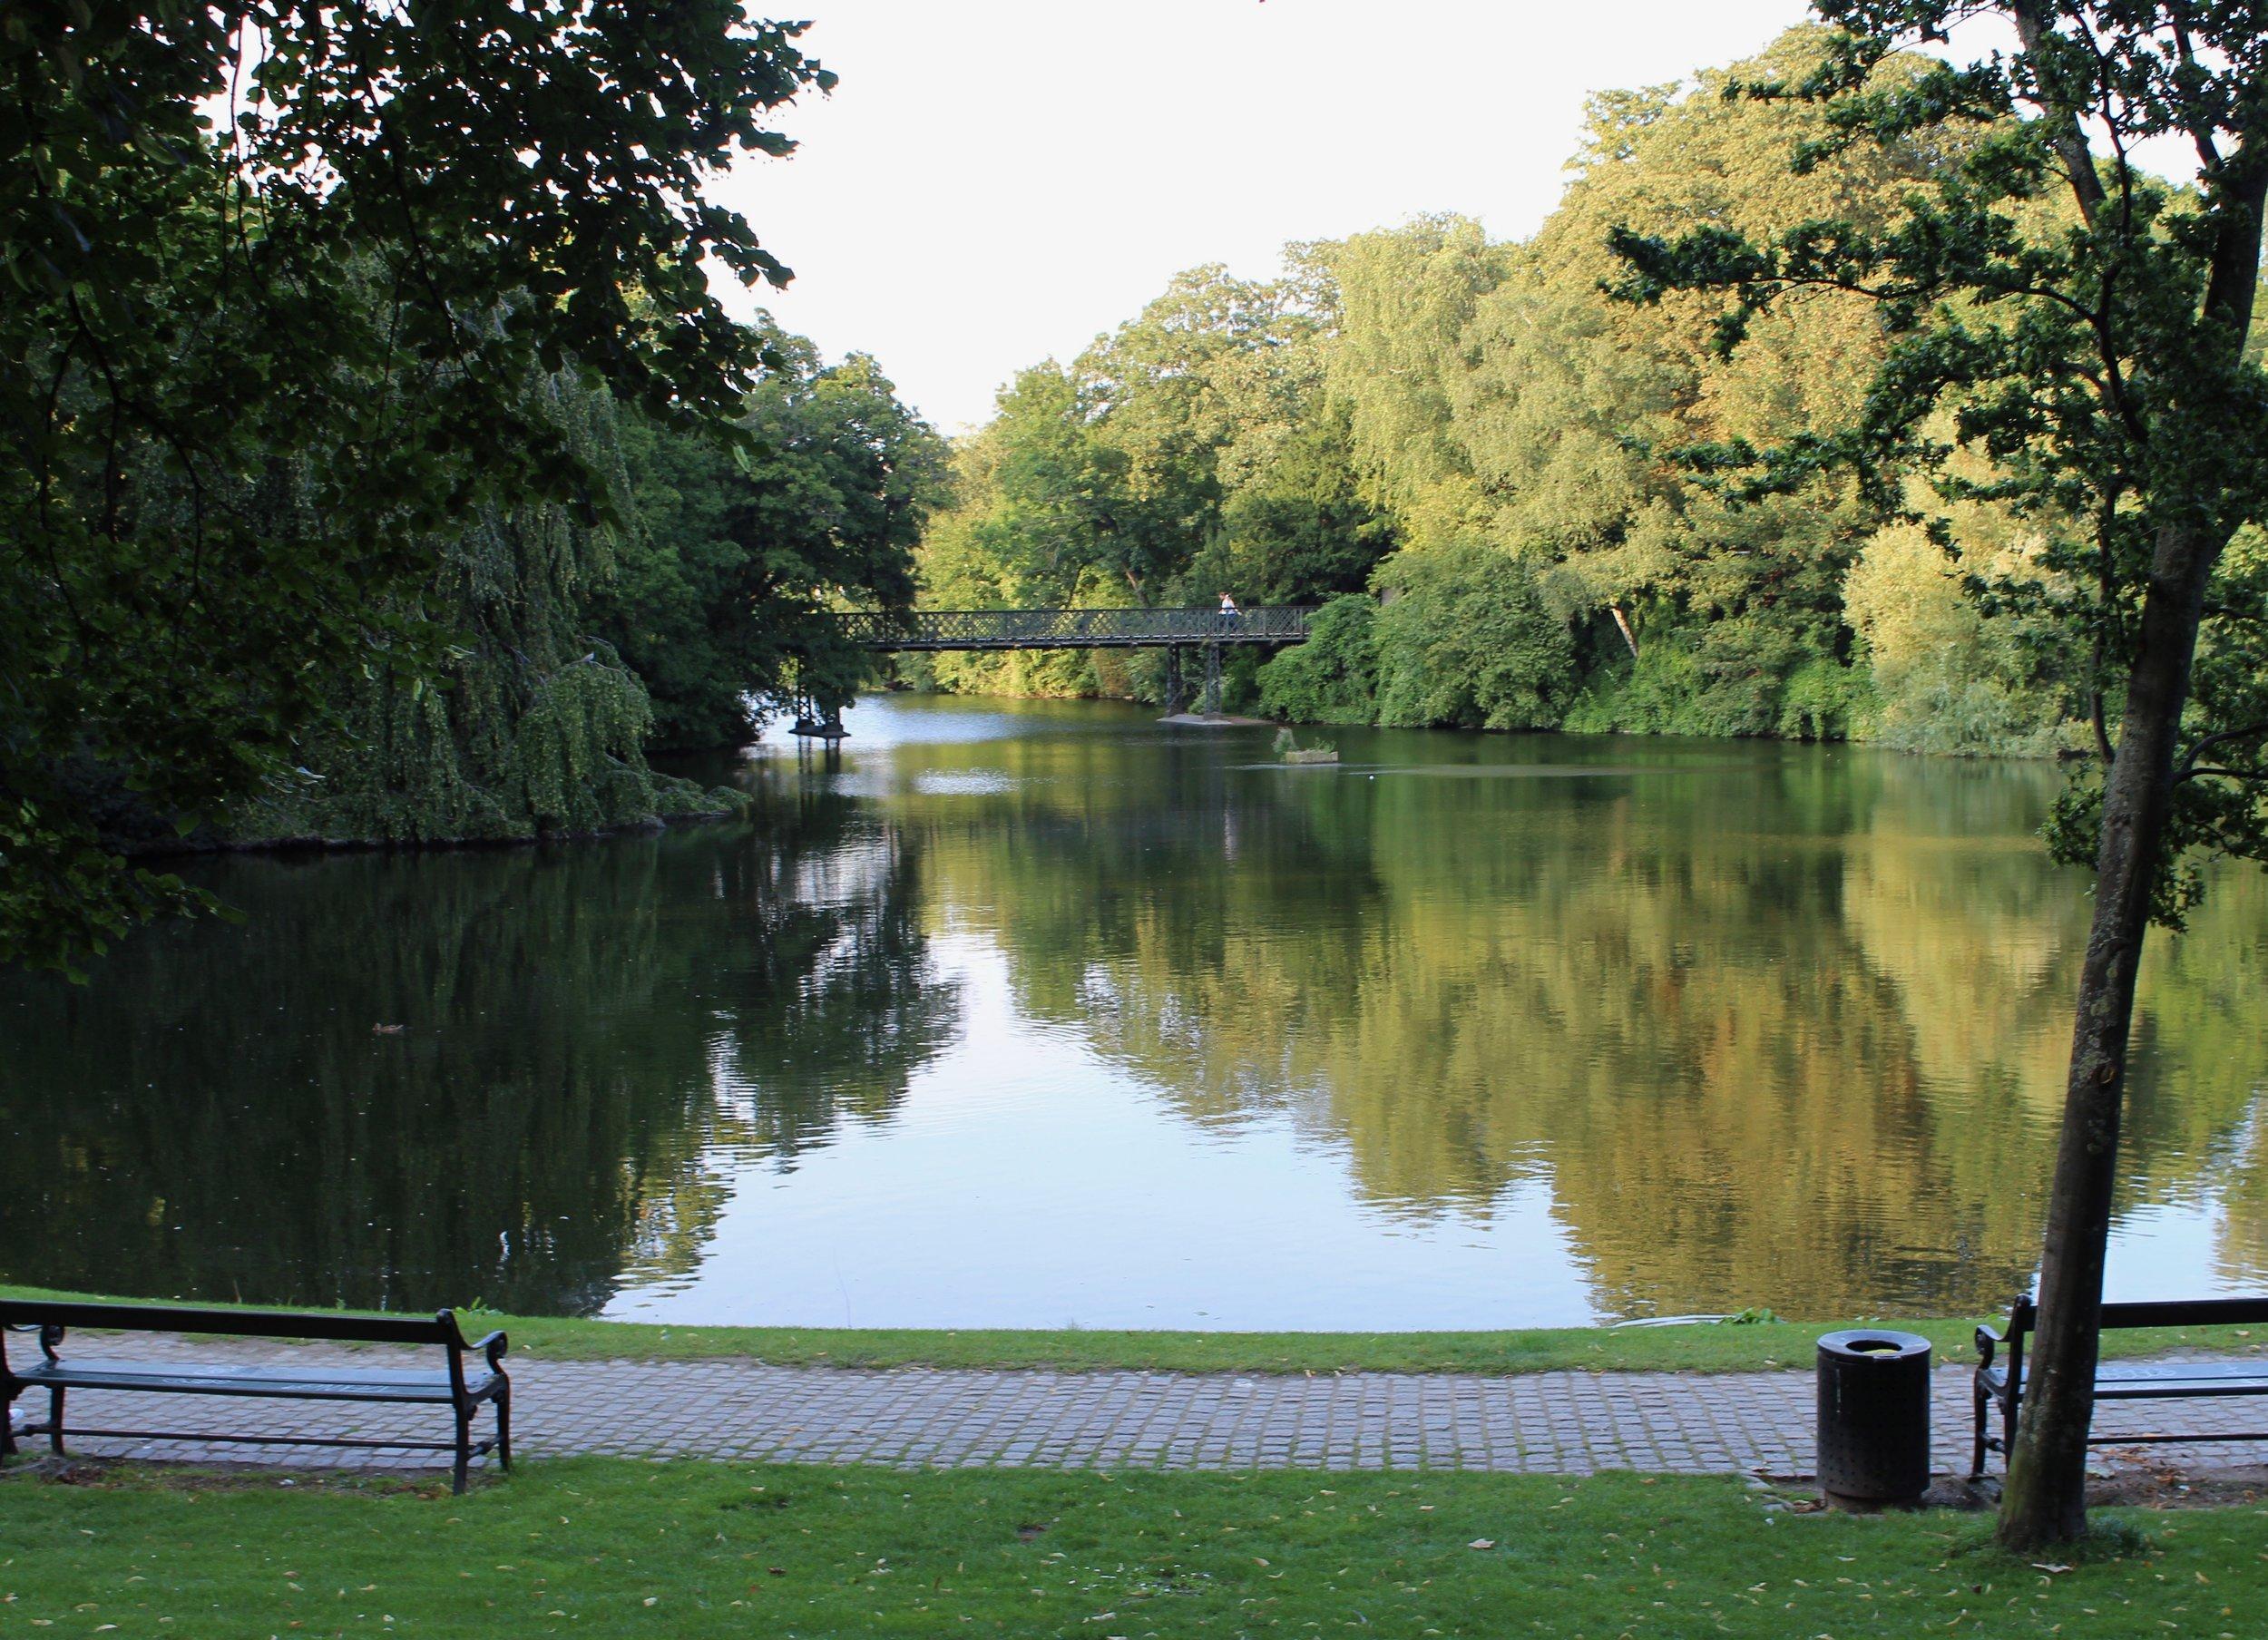 At Ørstedsparken park enjoying my Coffee and Danish from Lagkagehuset.